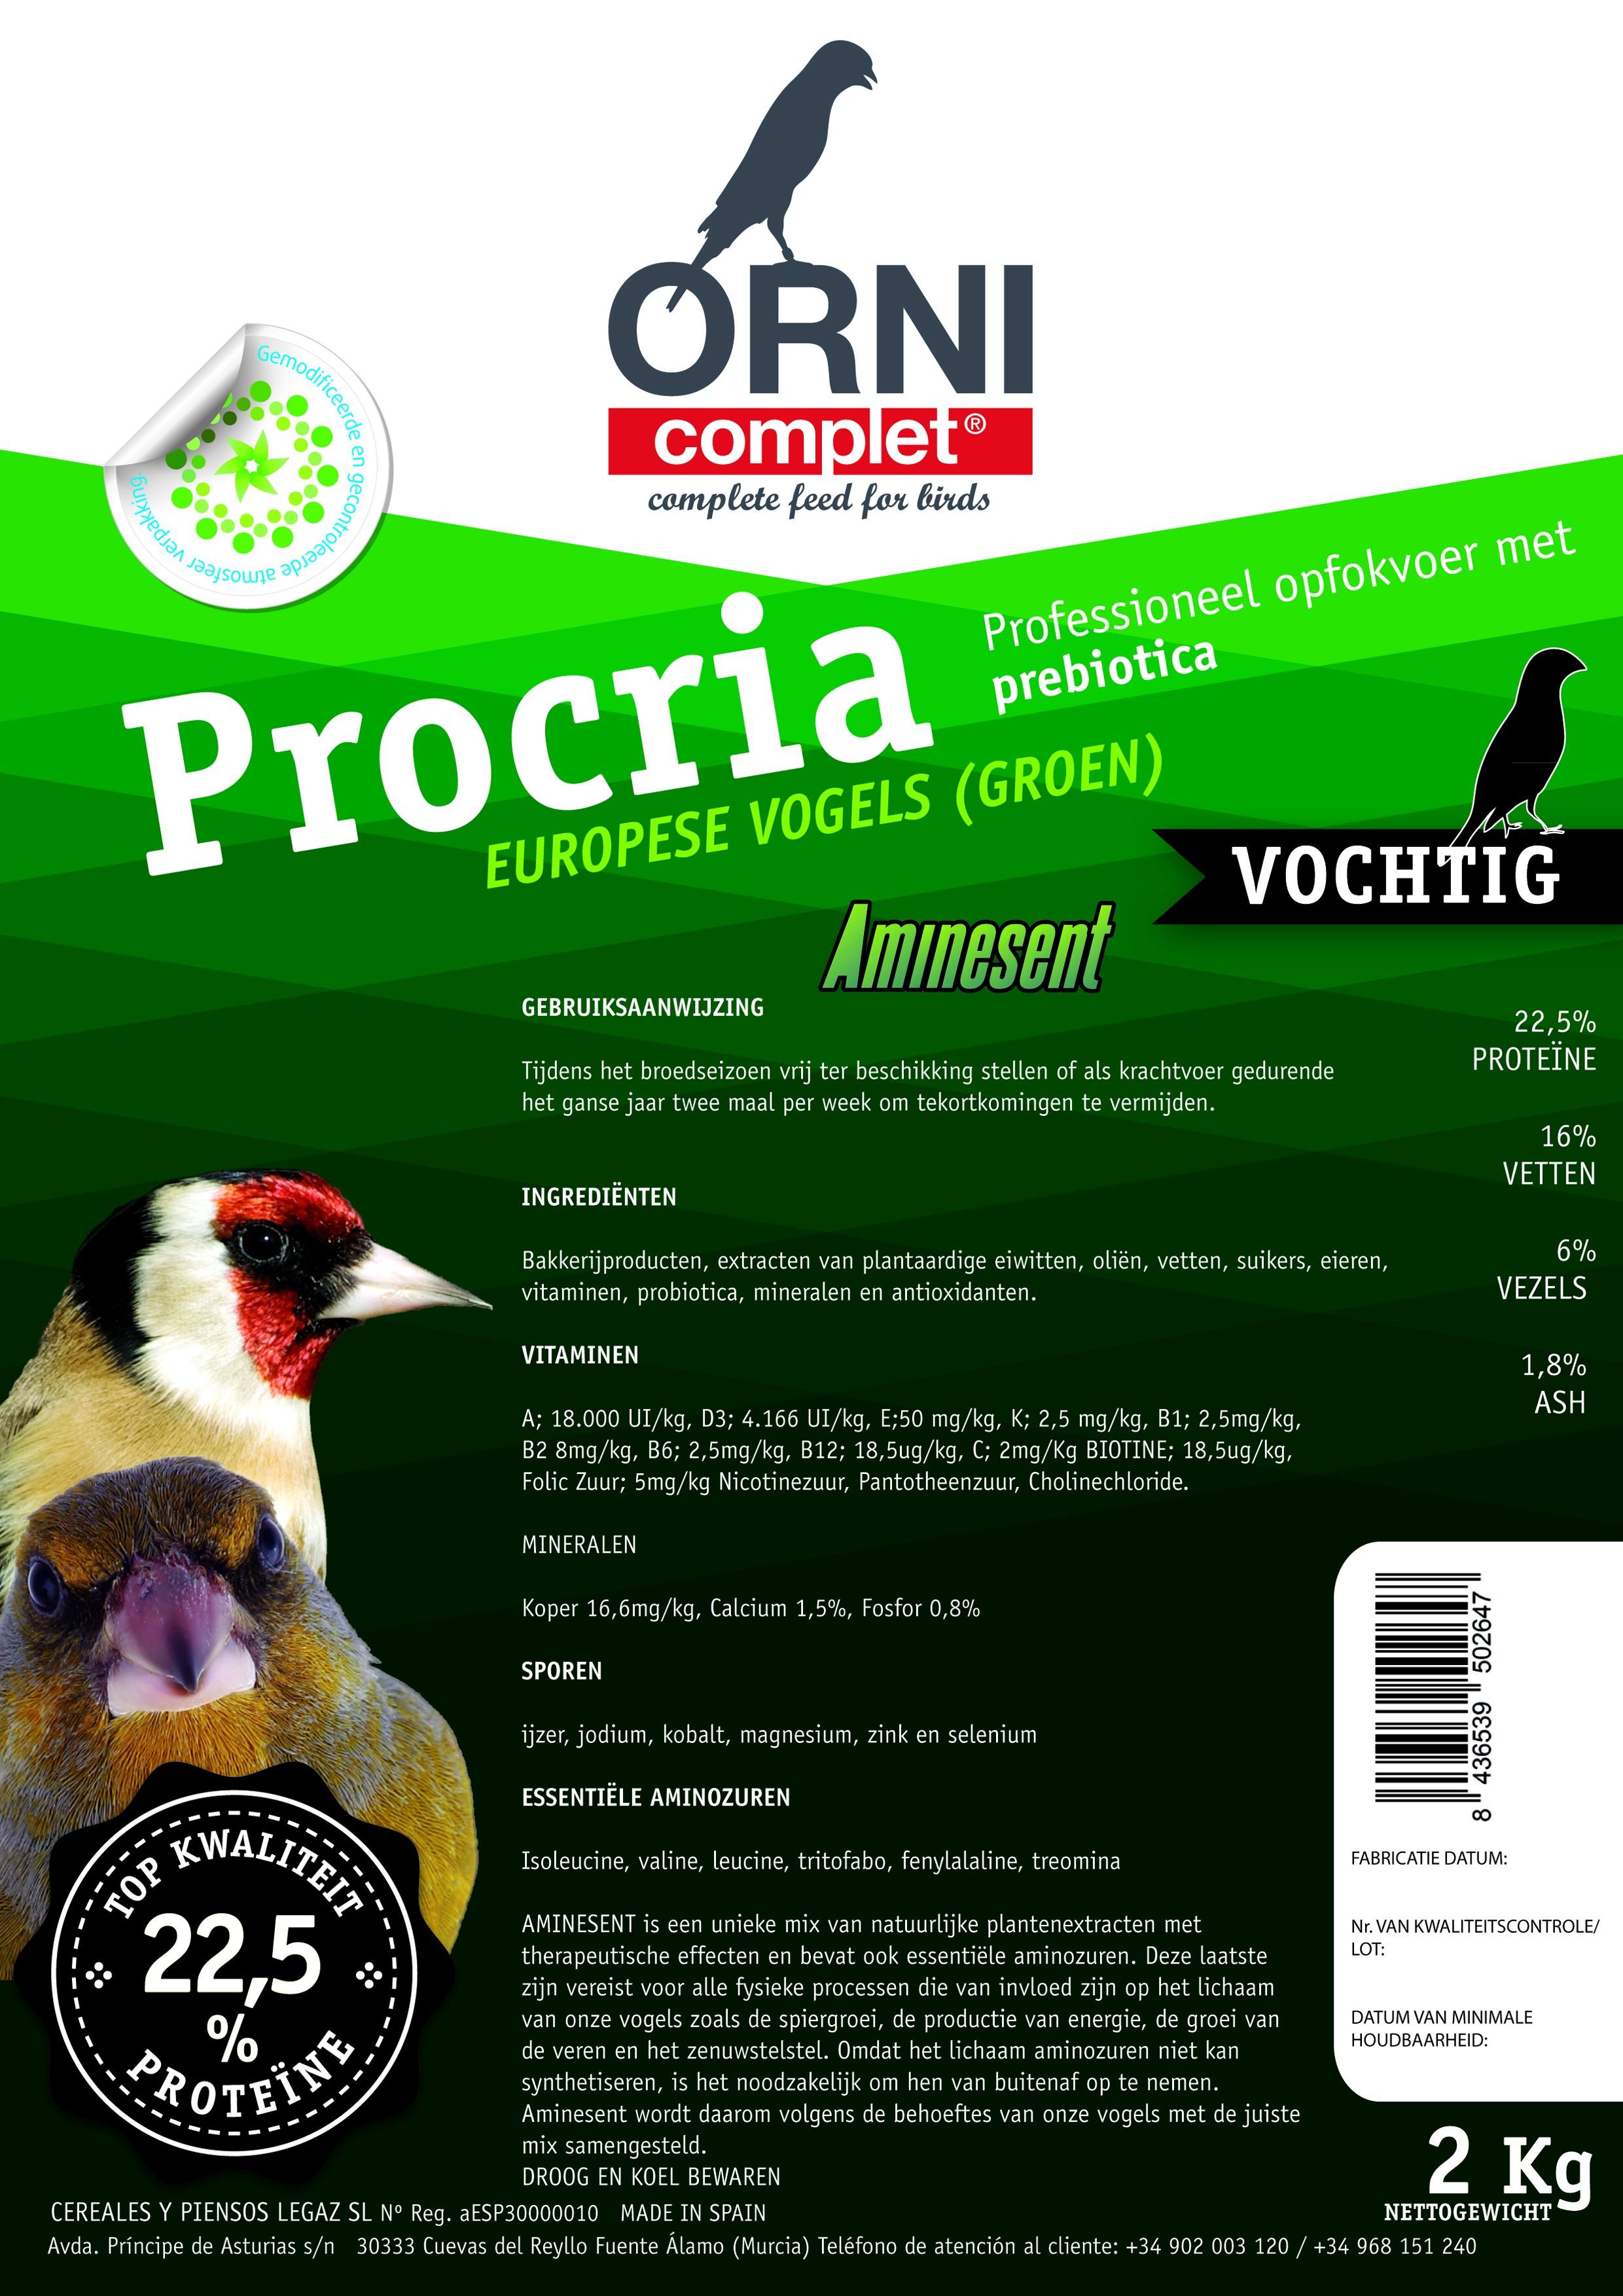 ORNI Complet eivoer voor Europese vogels groen